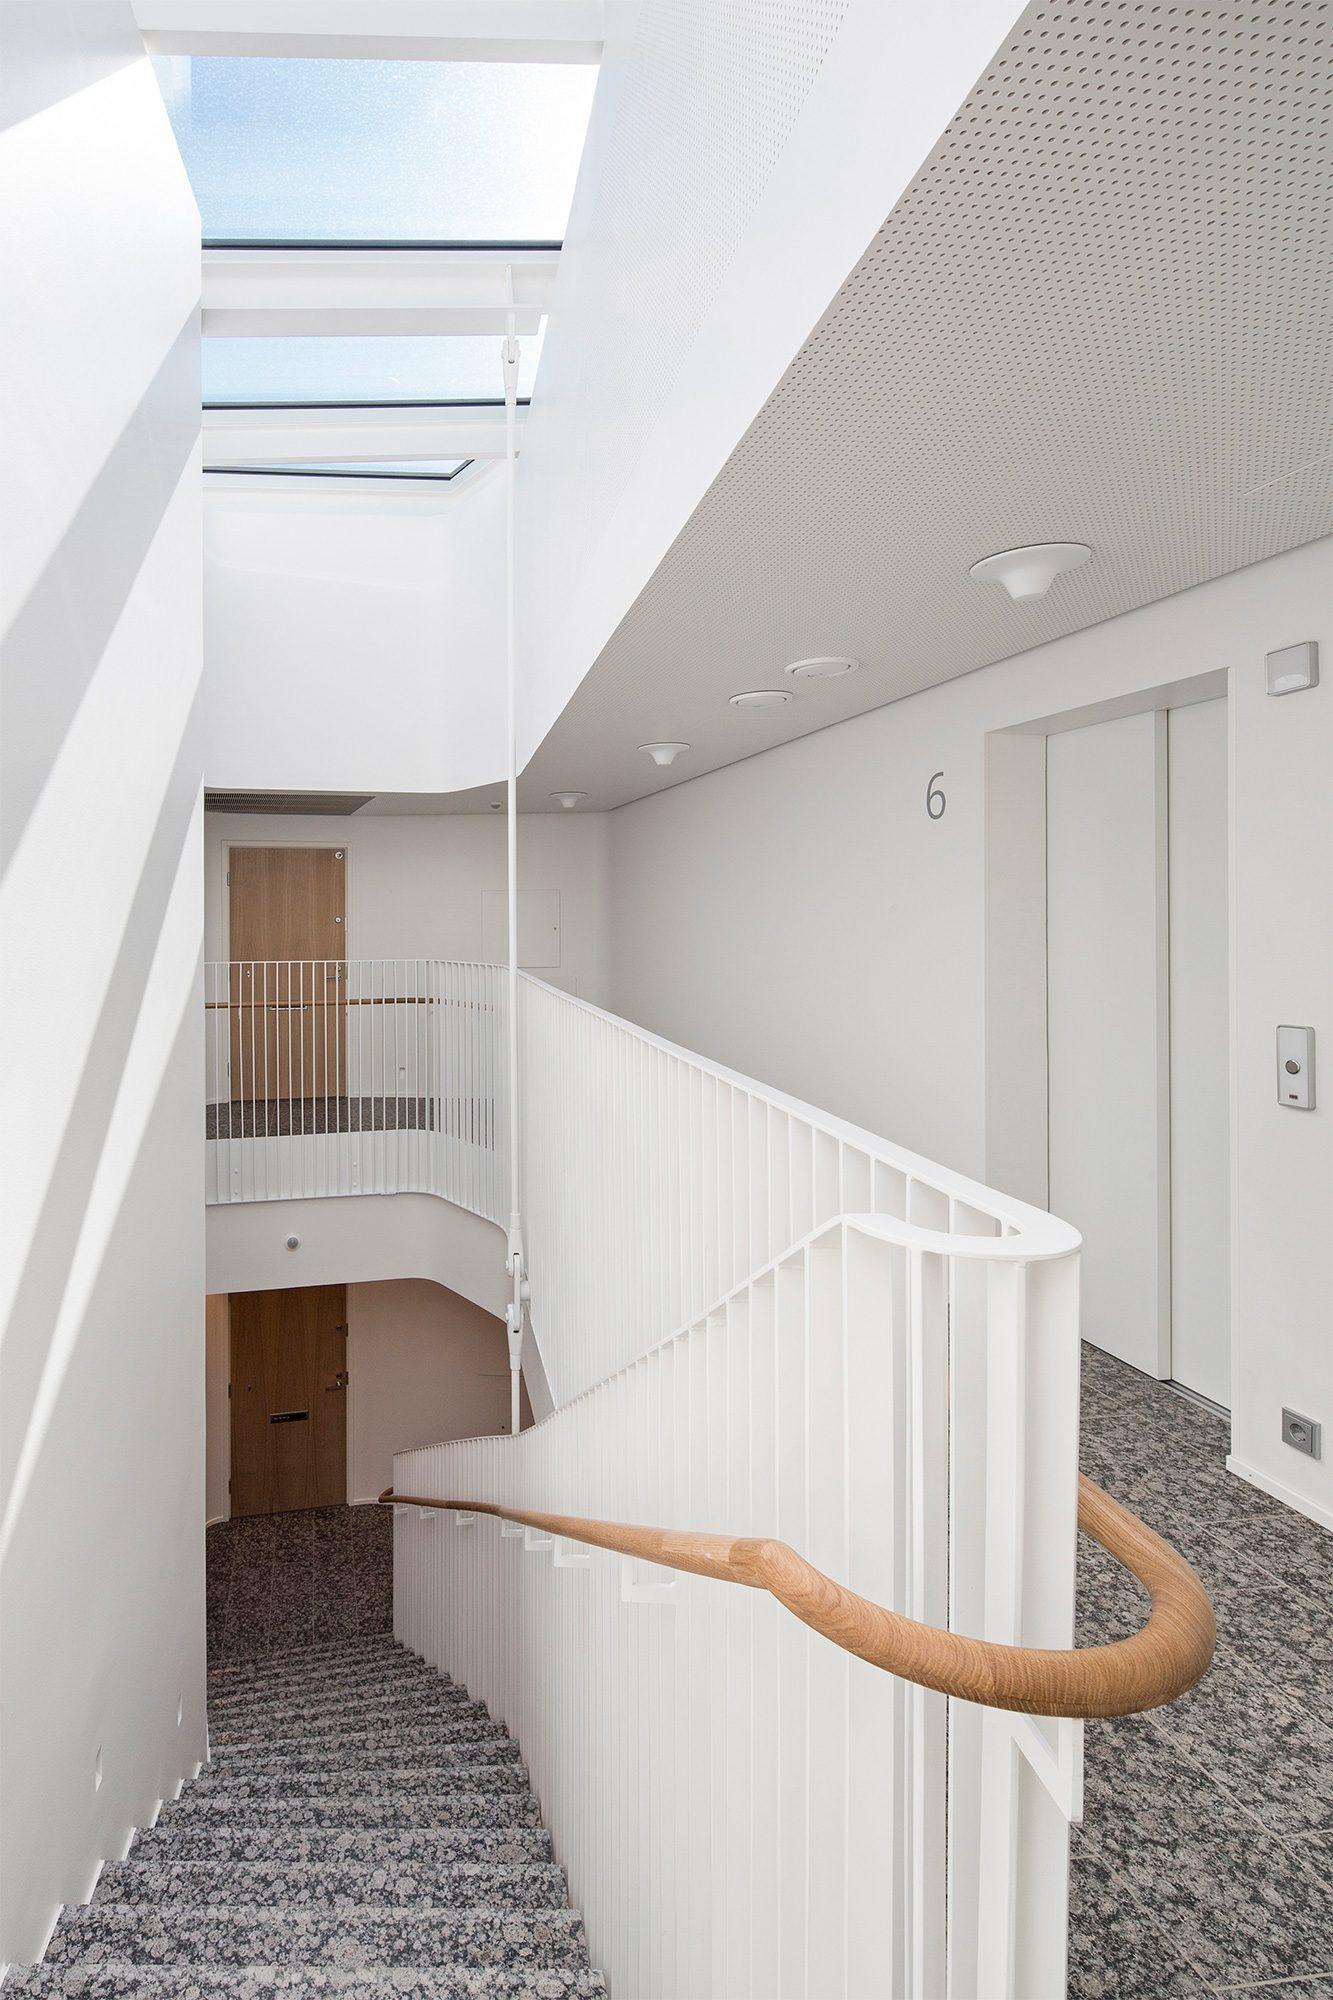 d limiter les espaces d 39 un appartement en toute discr tion le blog porte tout savoir sur les. Black Bedroom Furniture Sets. Home Design Ideas